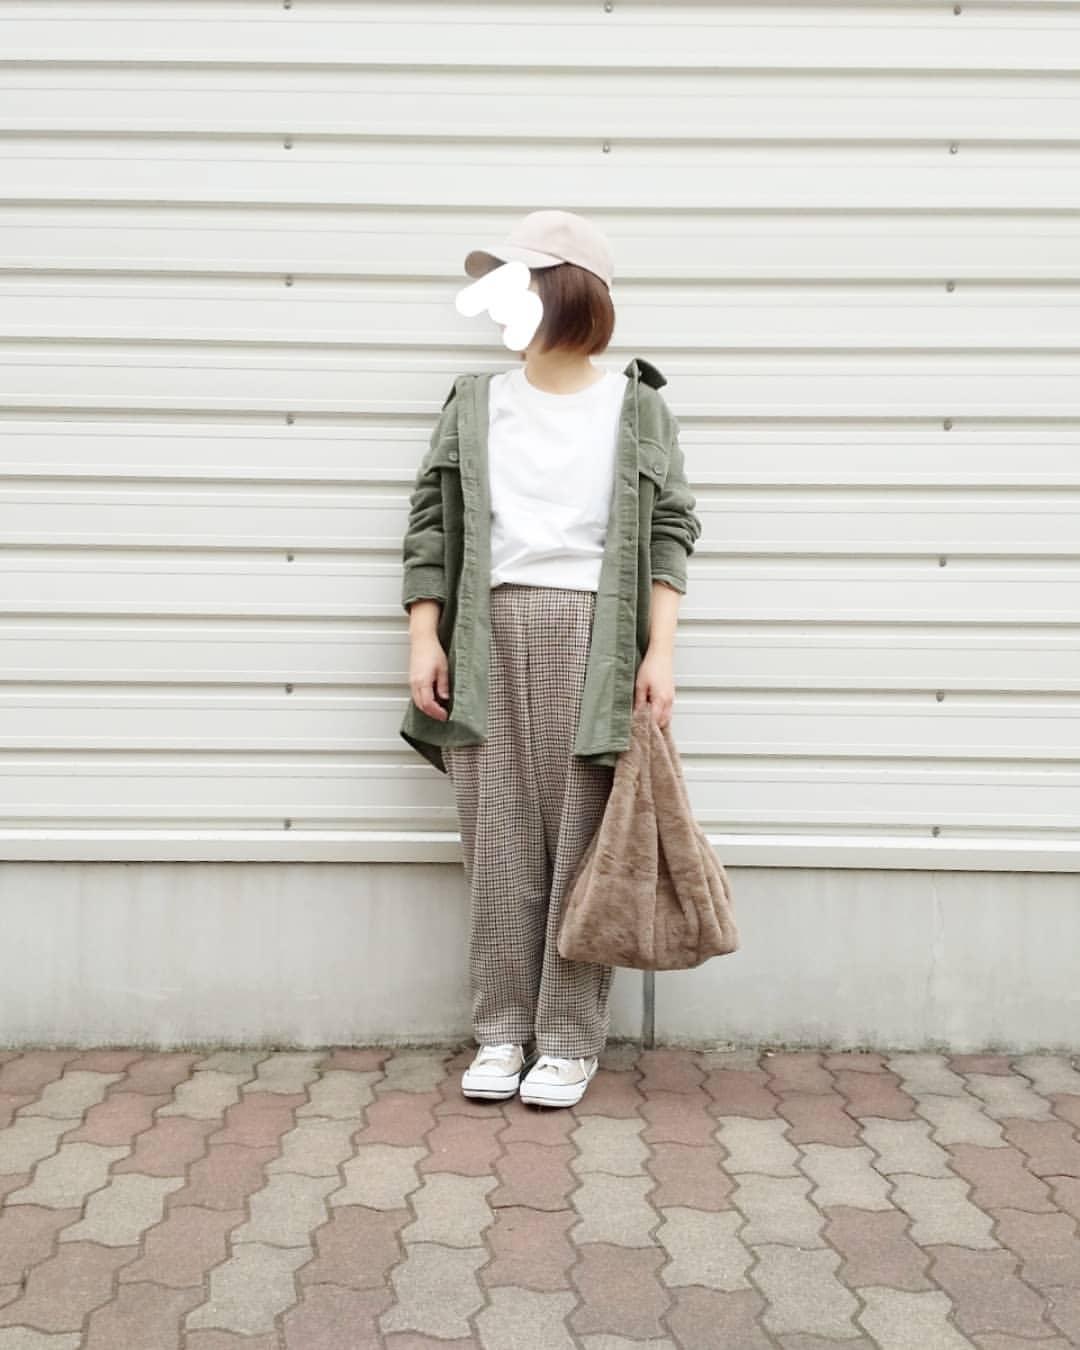 最高気温21度・最低気温16度 yoco_145cmの服装